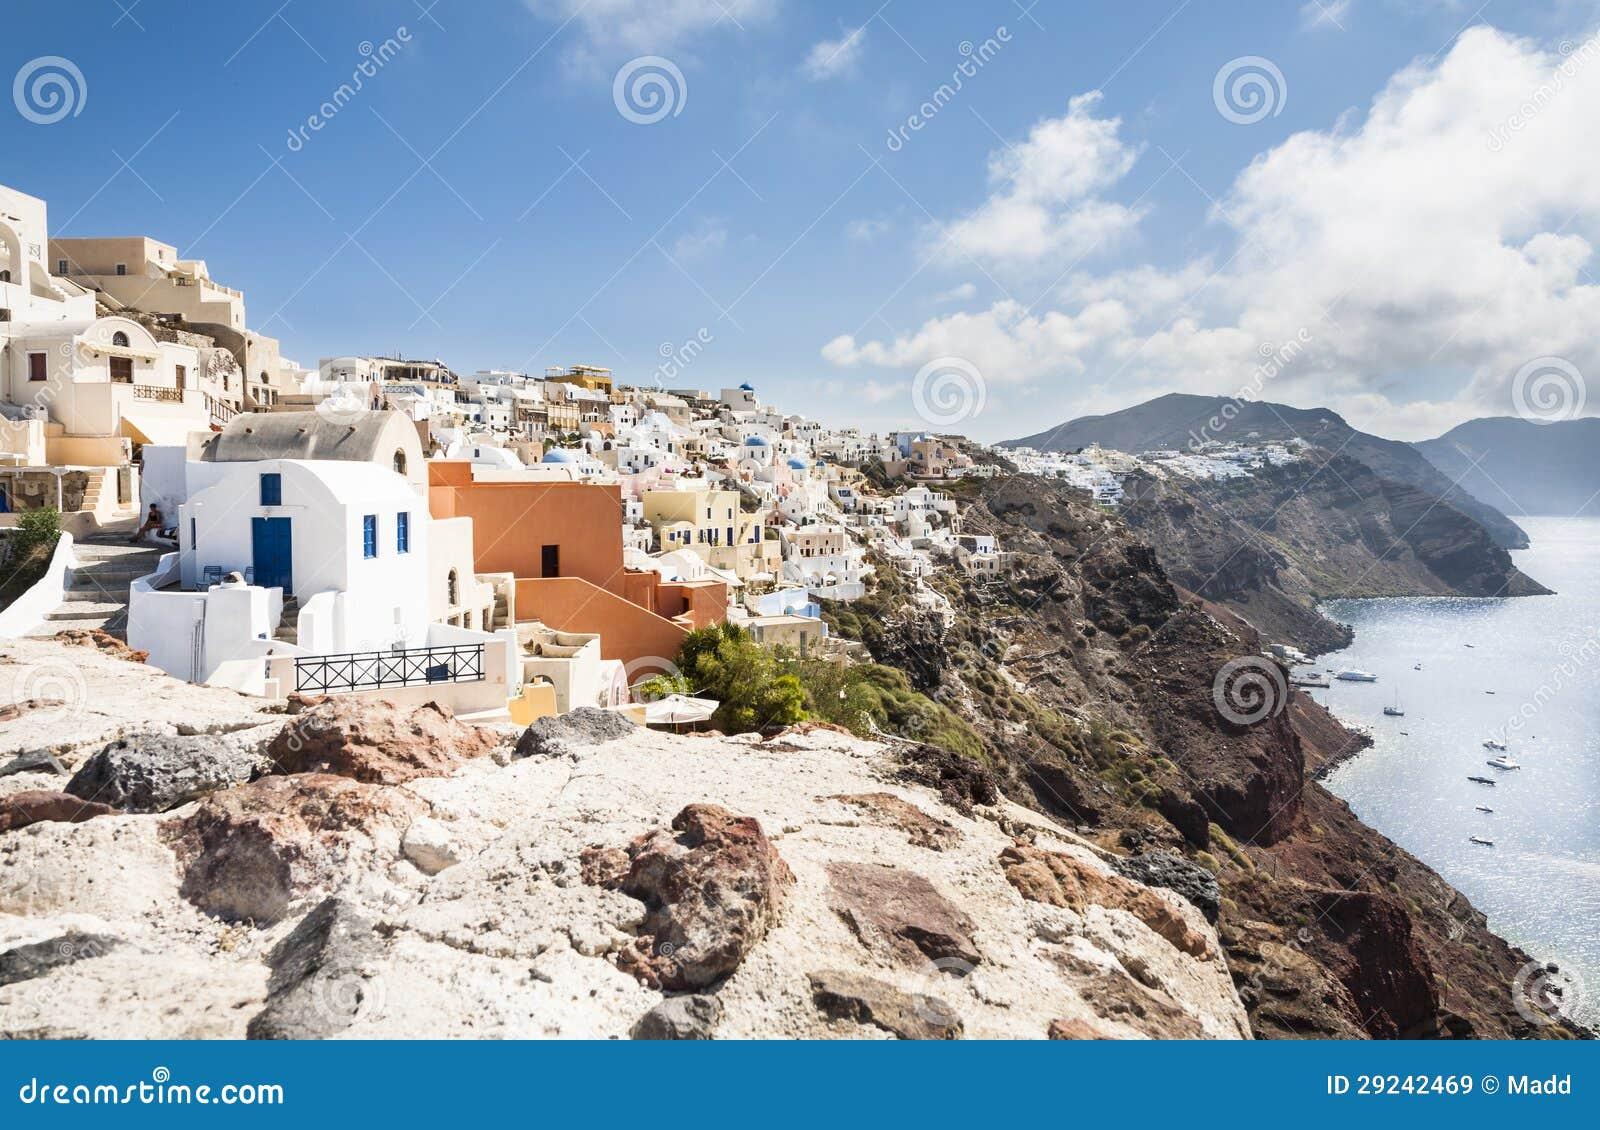 Download Santorini imagem de stock. Imagem de vulcão, material - 29242469